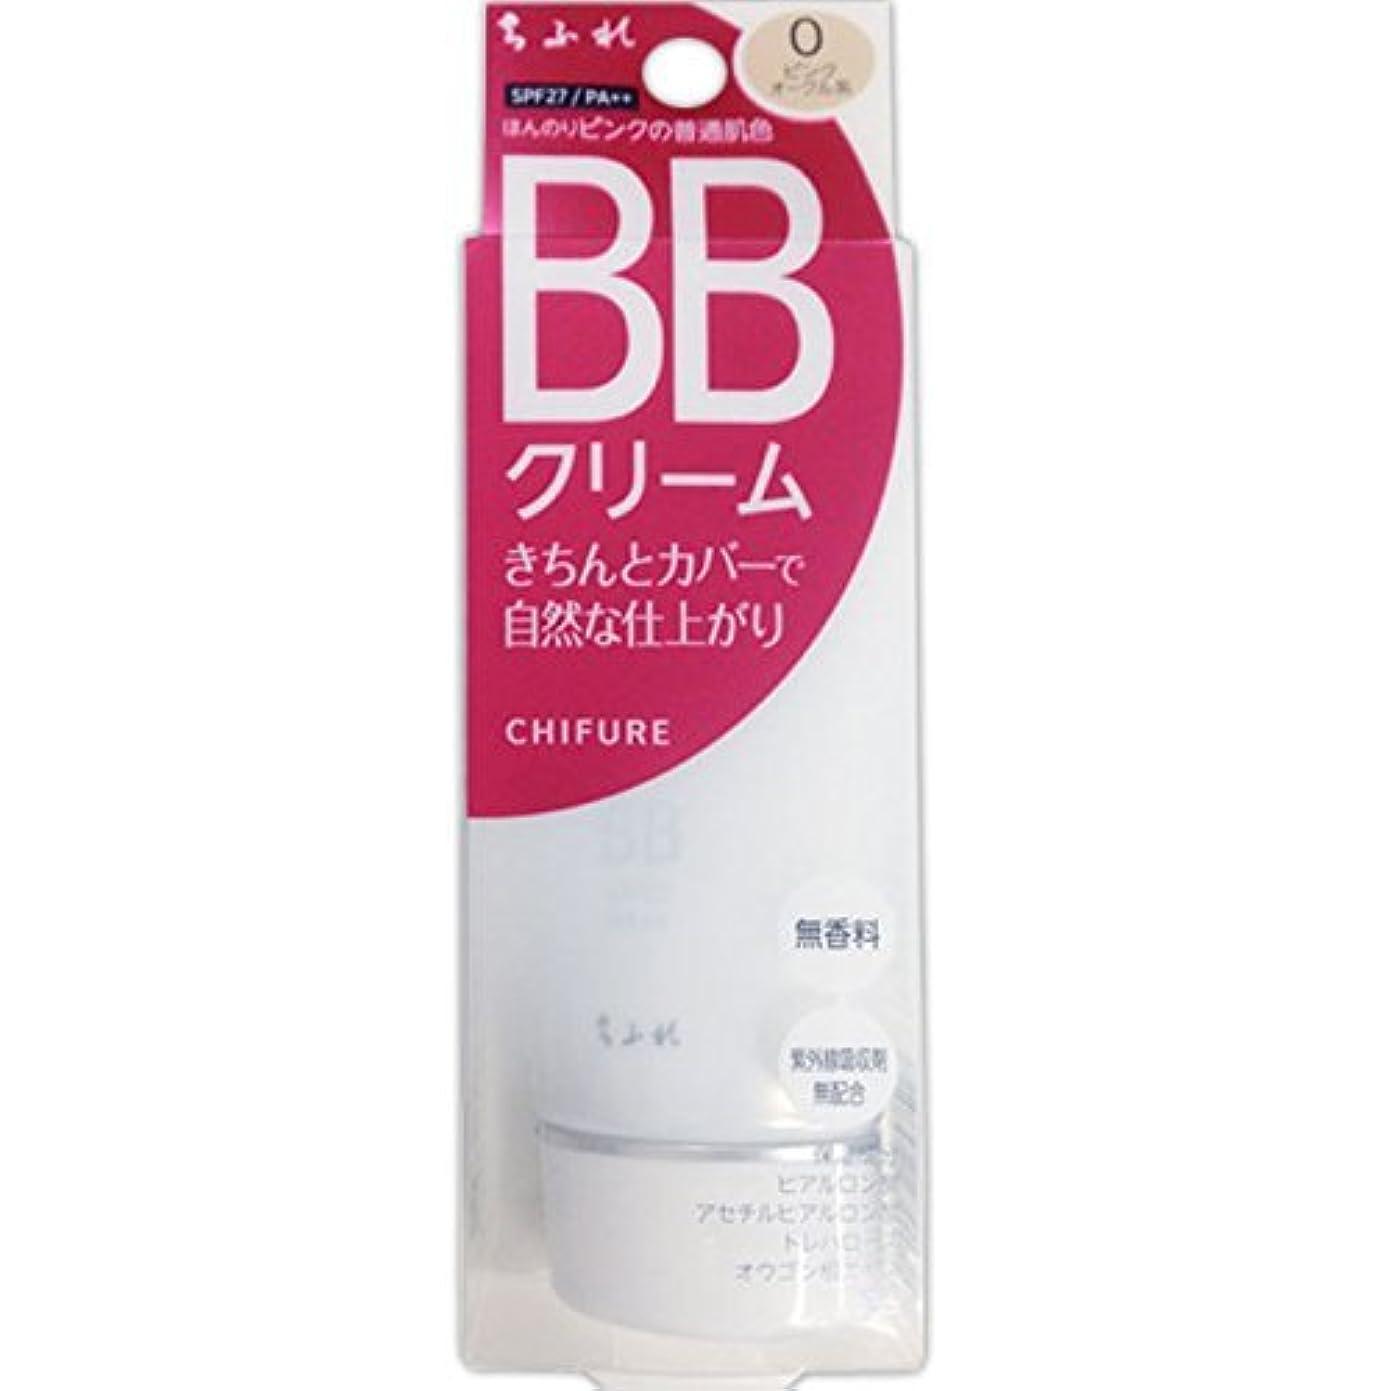 わな天国ヒューマニスティックちふれ化粧品 BB クリーム ほんのりピンクの普通肌色 0